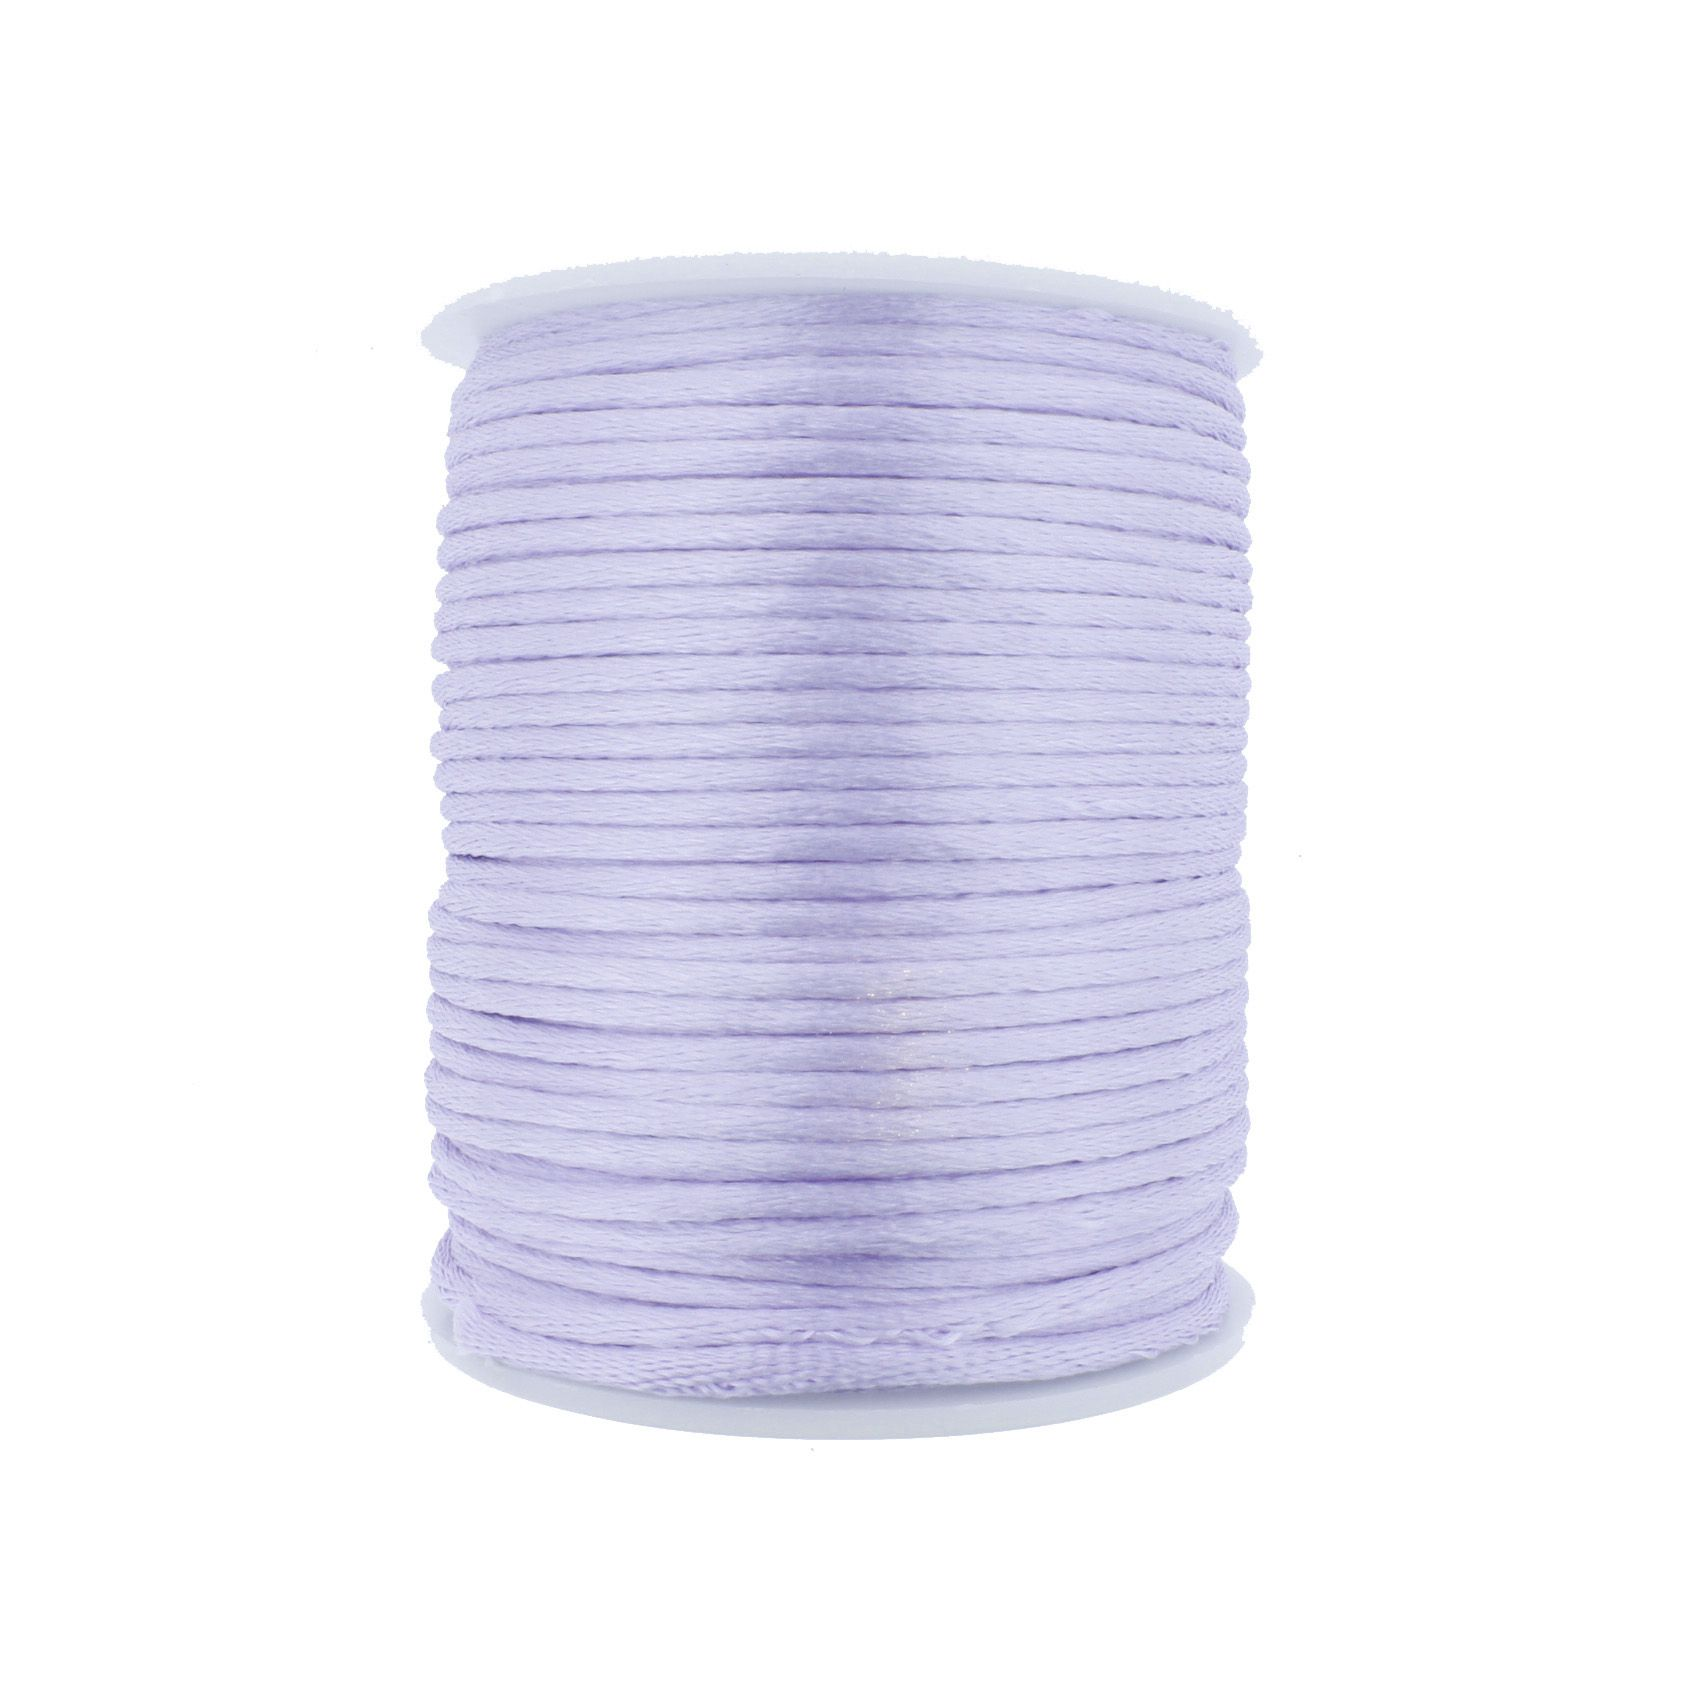 Cordão de Seda - Lavanda - 2mm  - Stéphanie Bijoux® - Peças para Bijuterias e Artesanato